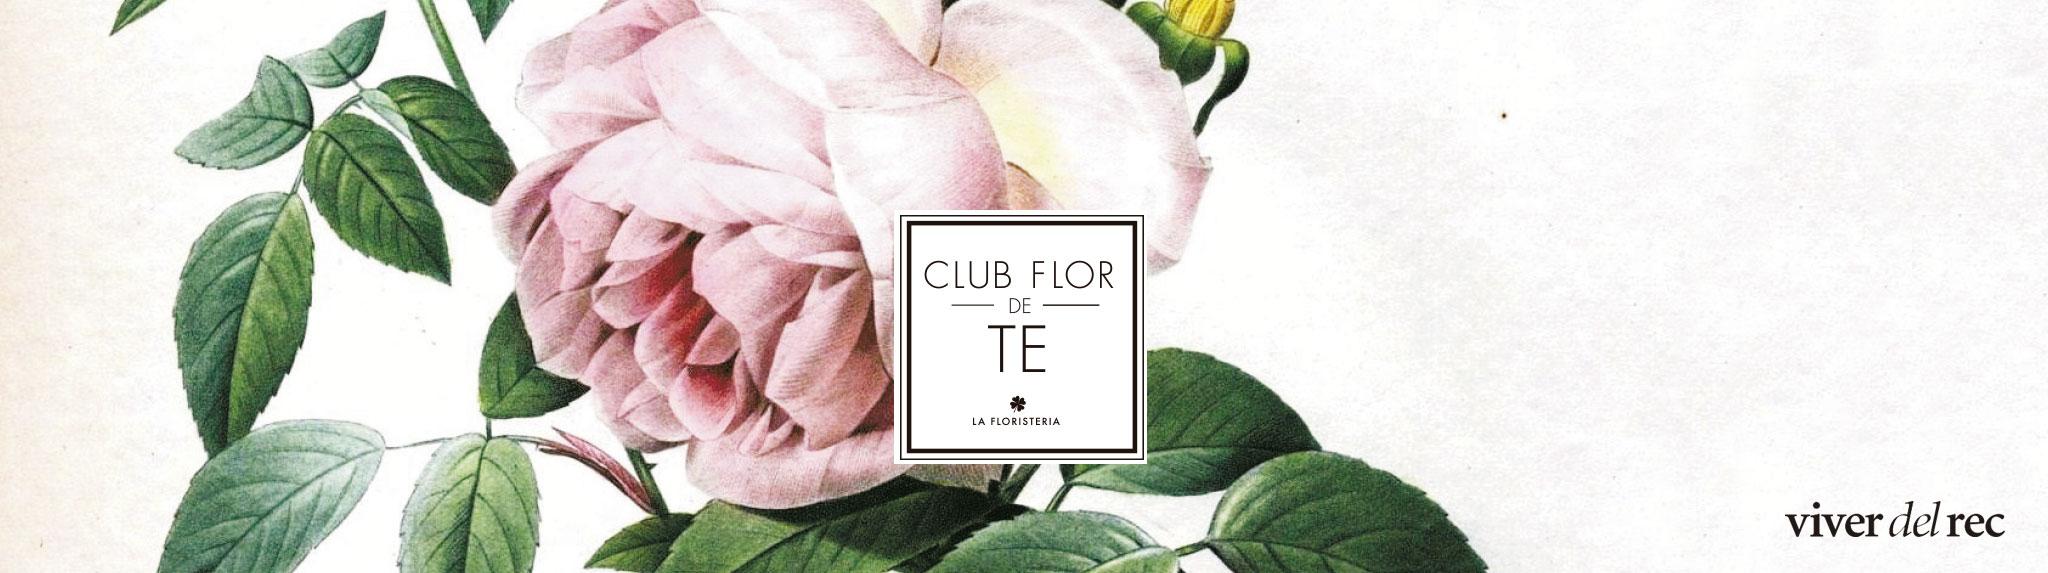 club-flor-de-te-viver-del-rec